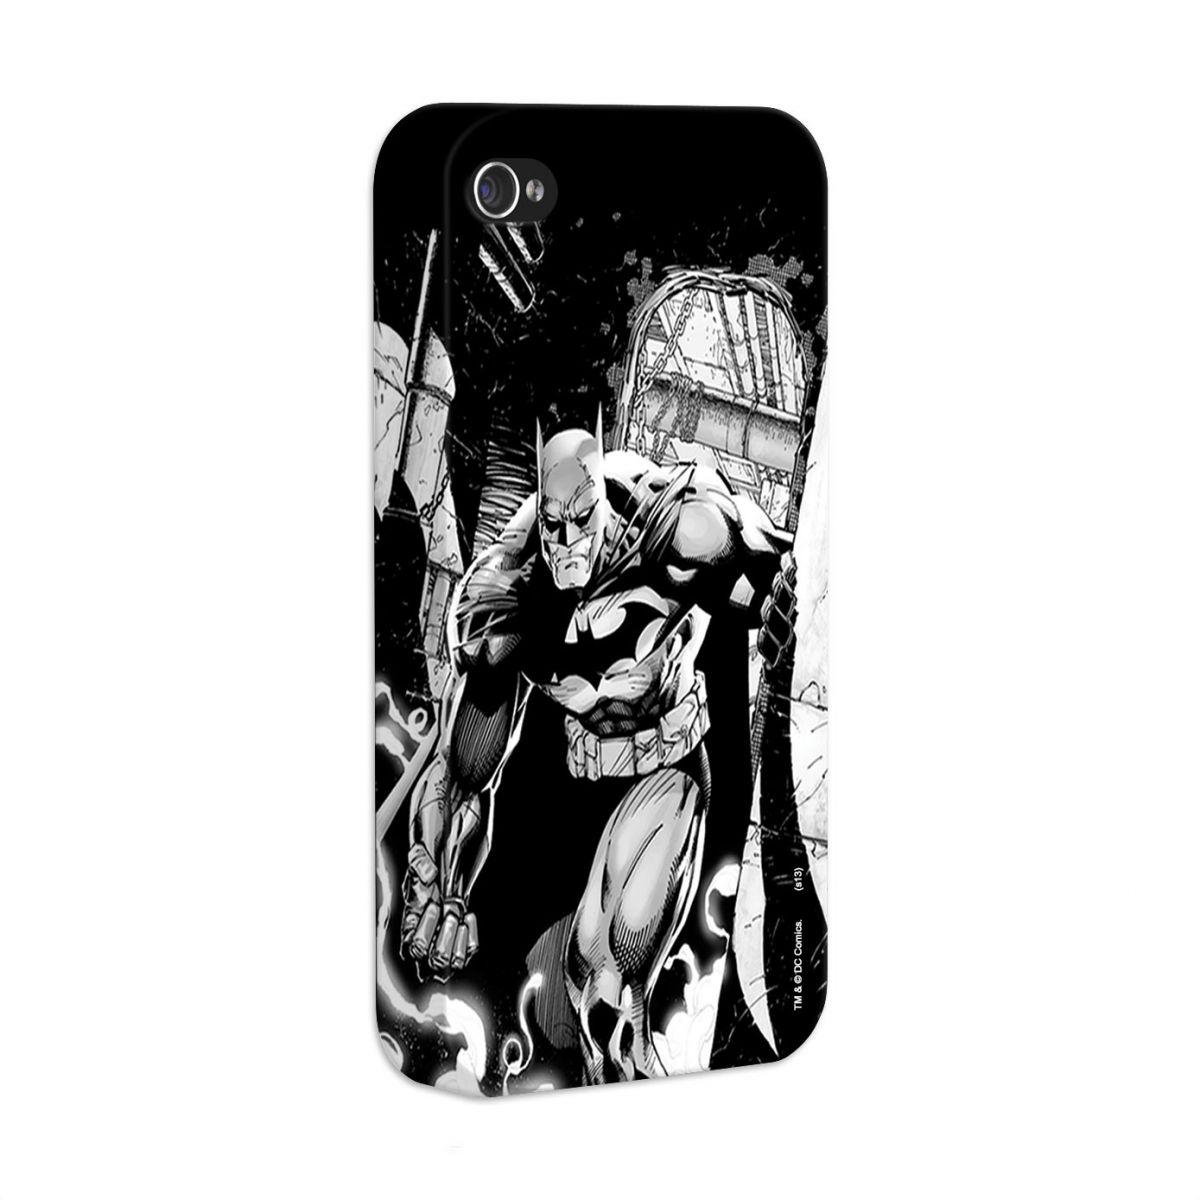 Capa de iPhone 4/4S Batman Tracing Batman